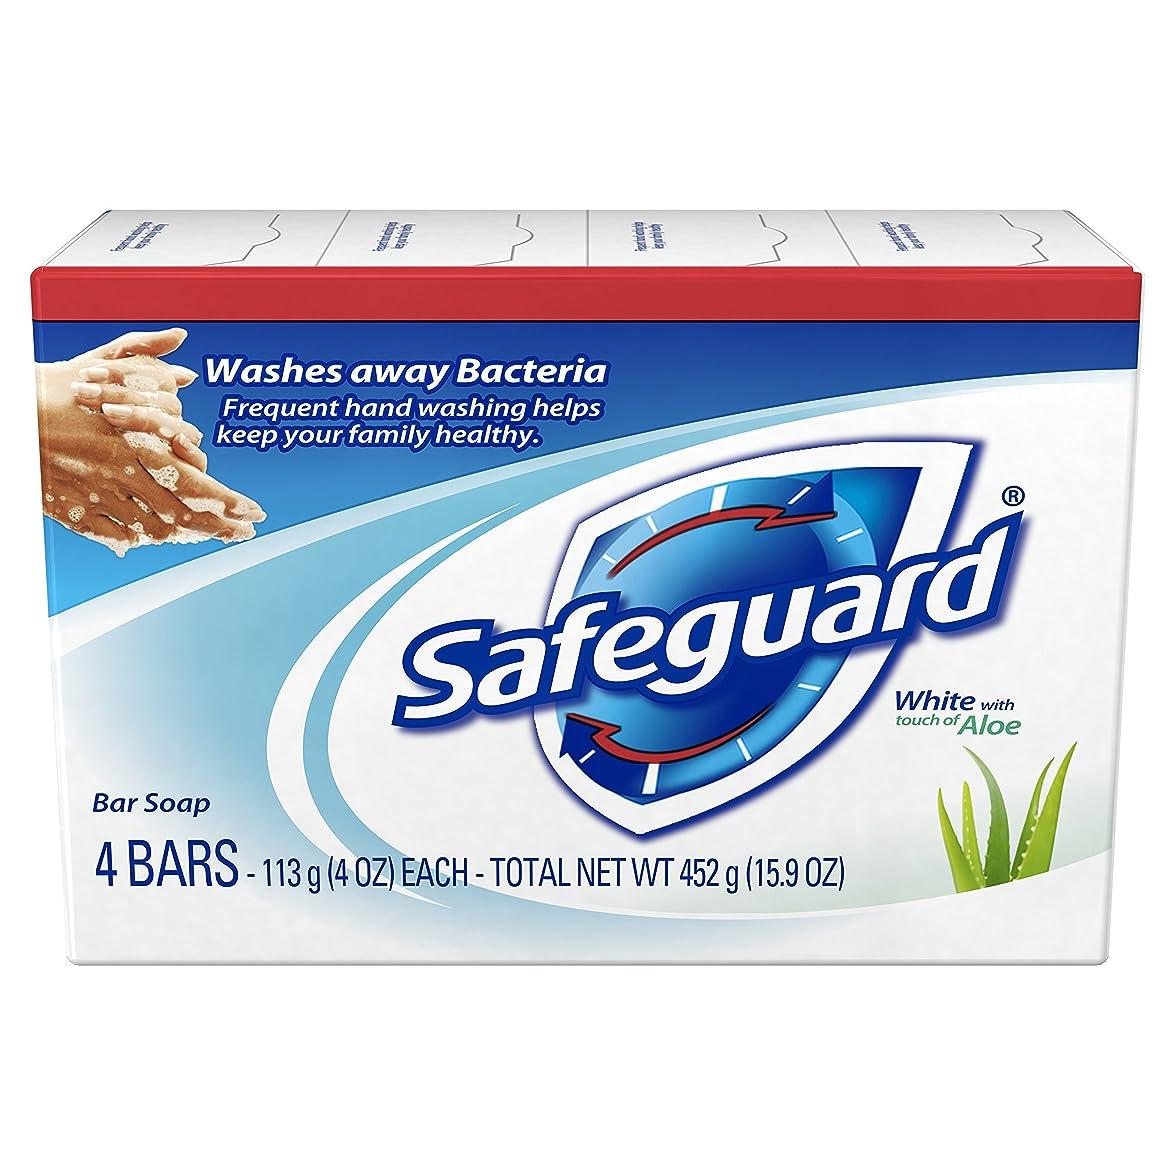 パール腫瘍最初Safeguard アロエ4オズバー、4EA(5パック)で抗菌消臭石鹸ホワイト 5パック